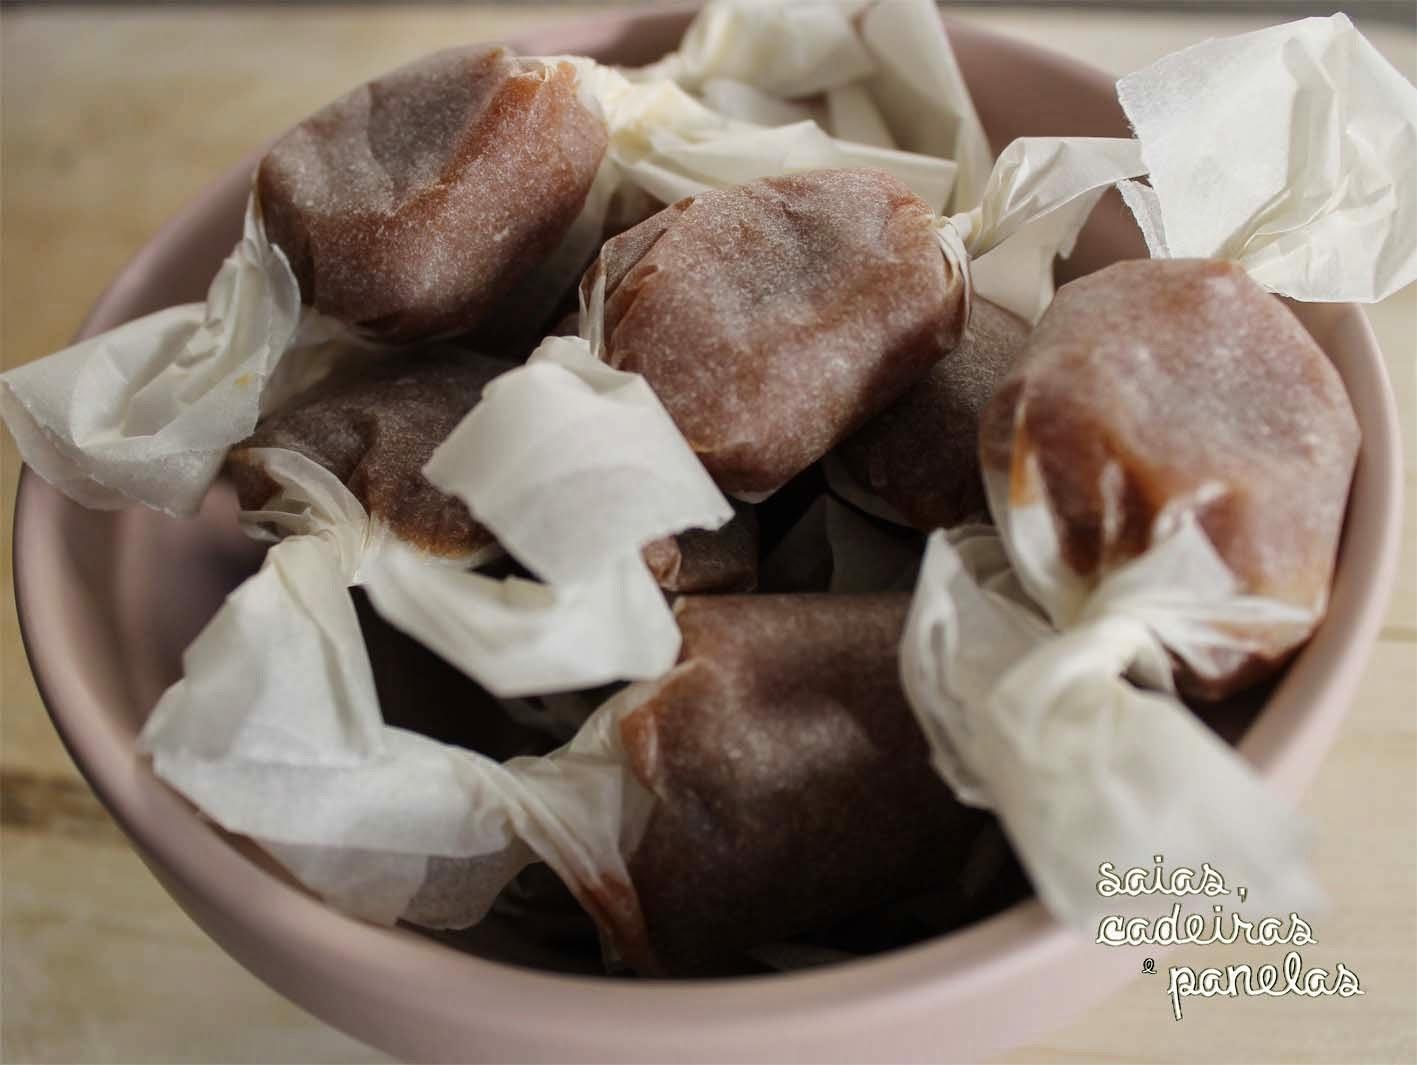 Bala de Caramelo que Derrete na Boca, O Difícil é Não Comer Tudo de Uma Vez!